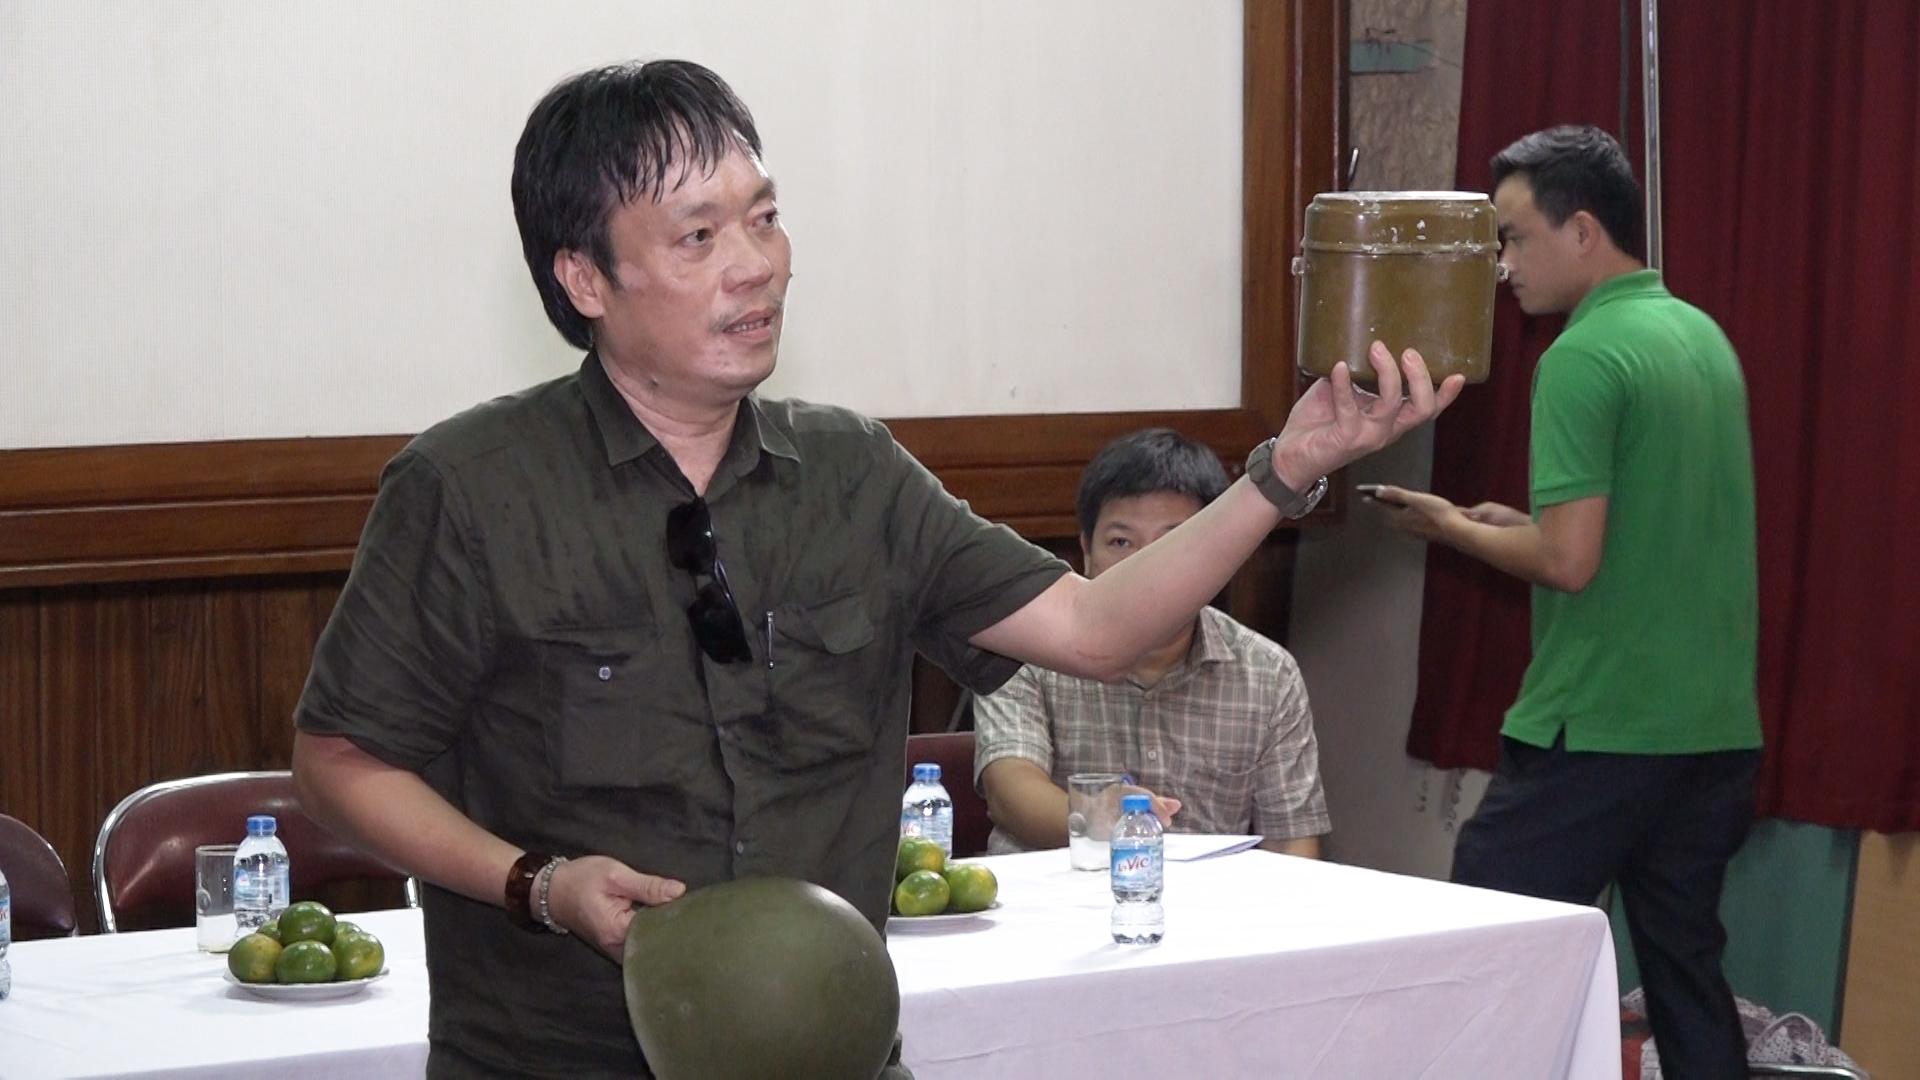 Đối thoại căng thẳng ở Hãng phim Việt Nam